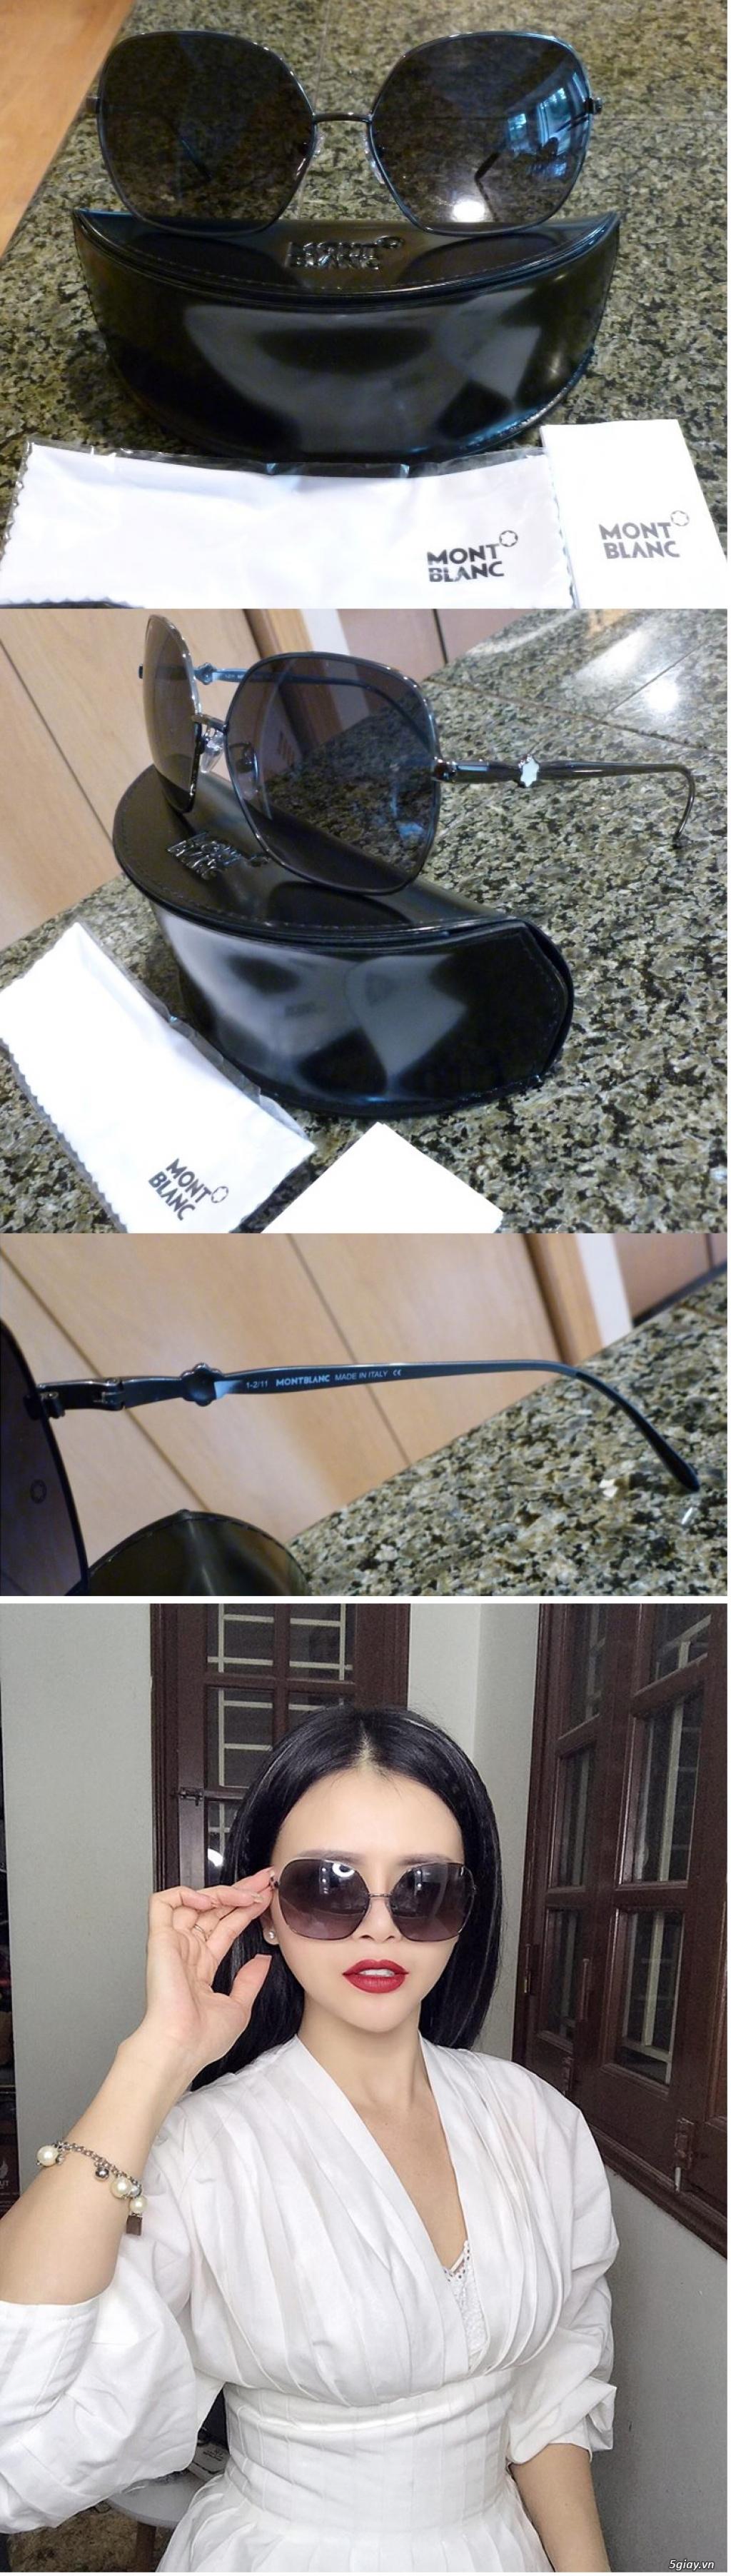 Những Mắt Kính Đẹp & Sang Trọng chính mình xách tay/gửi từ Mỹ về.  Armani, D&G, Prada, Ray-Ban, Polo - 10